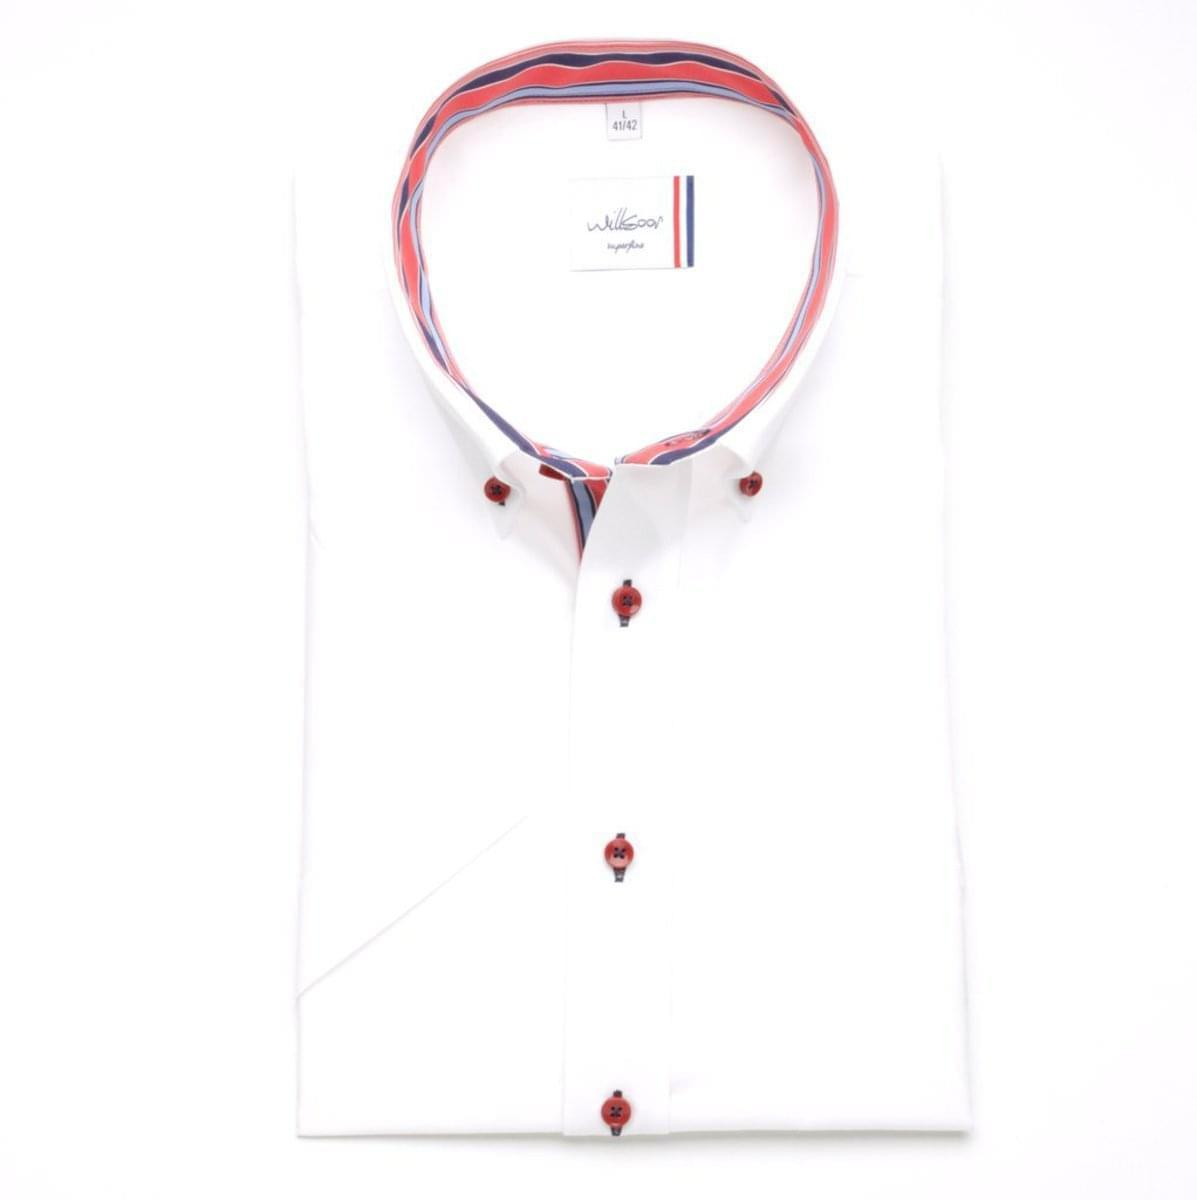 Pánska klasická košele (výška 176-182) 6472 s krátkym rukávom v biele farbe 176-182 / XXL (45/46)